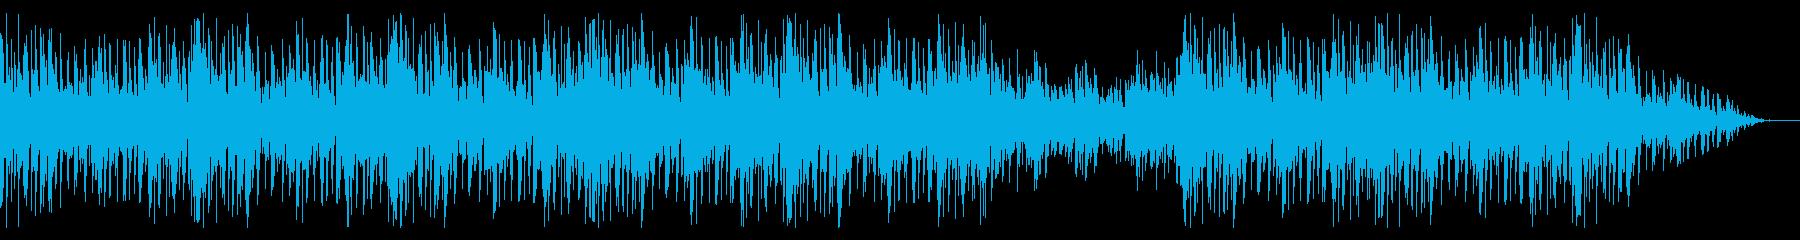 切ないメロディのピアノエレクトロ系BGMの再生済みの波形